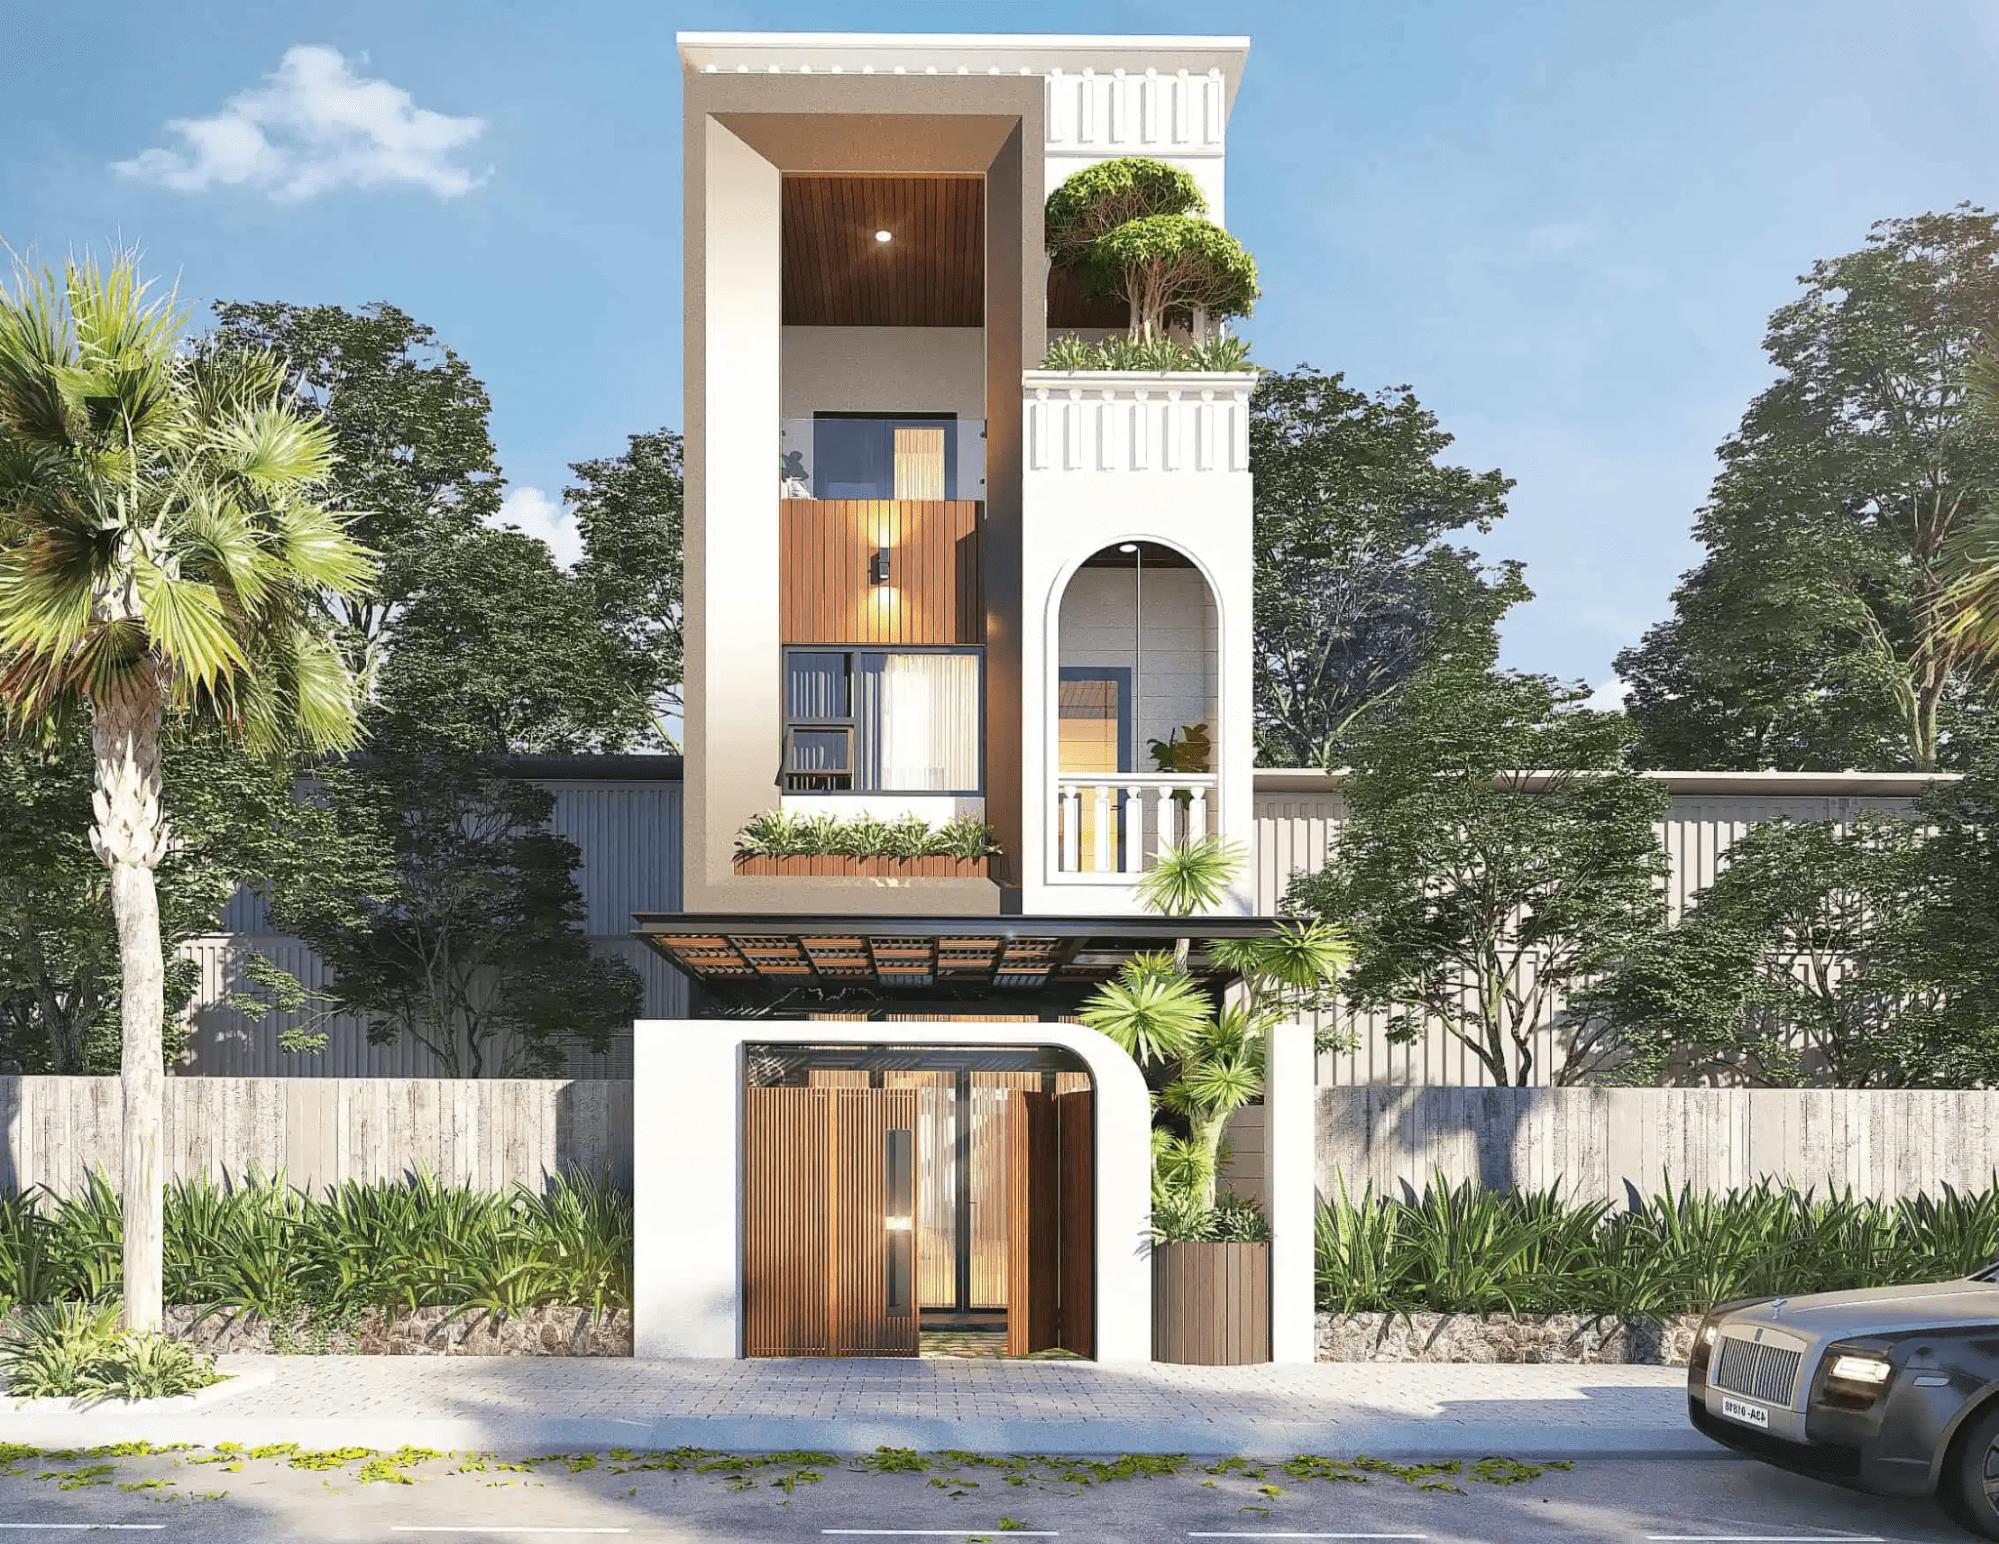 nên lựa chọn thiết kế nhà 3 tầng theo lối kiến trúc hiện đại và sang trọng